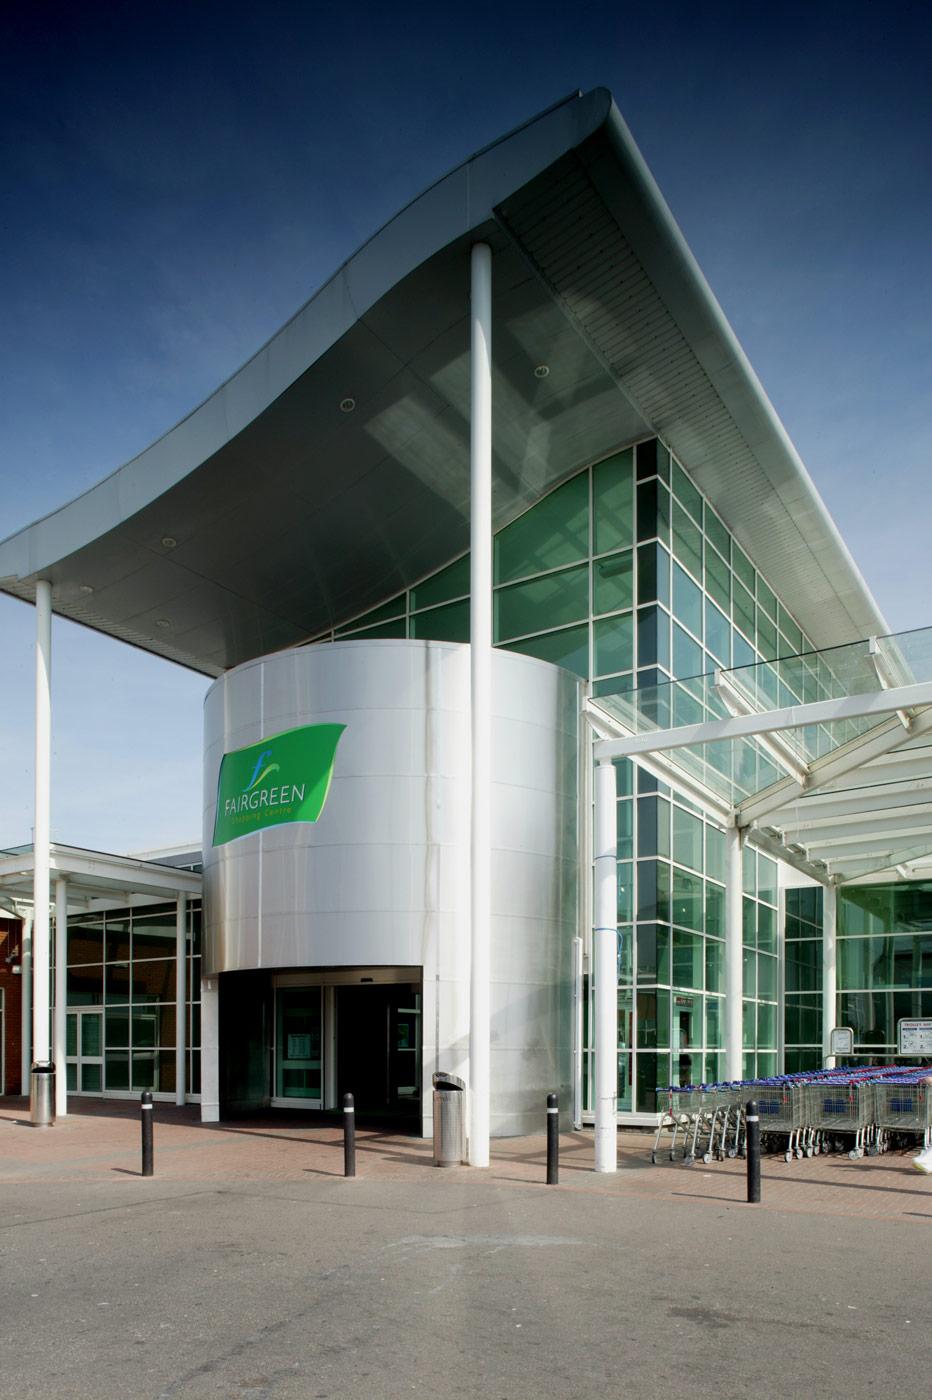 Fairgreen Shopping Centre